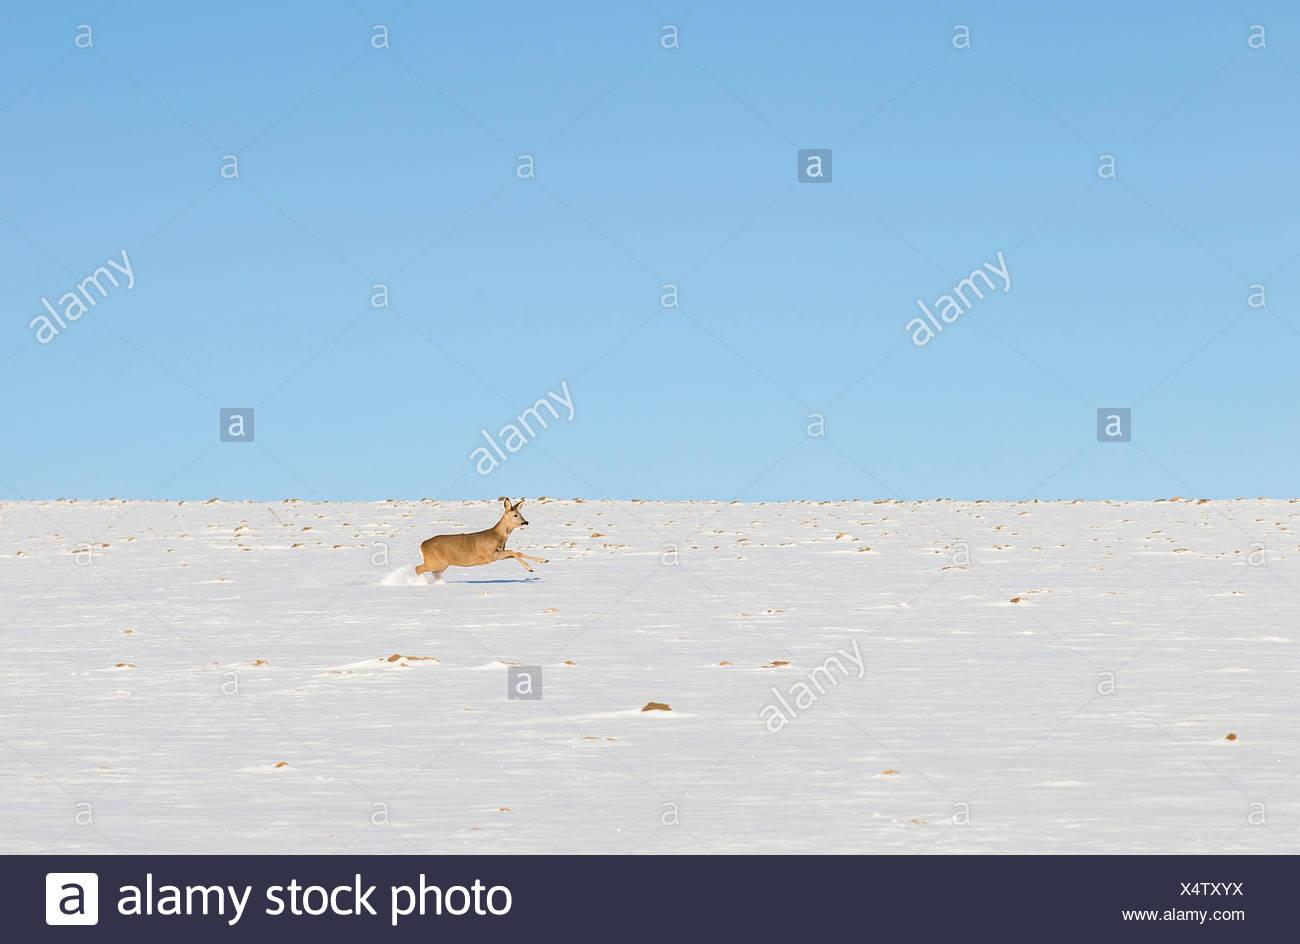 Roe deer running in snowfield - Stock Image